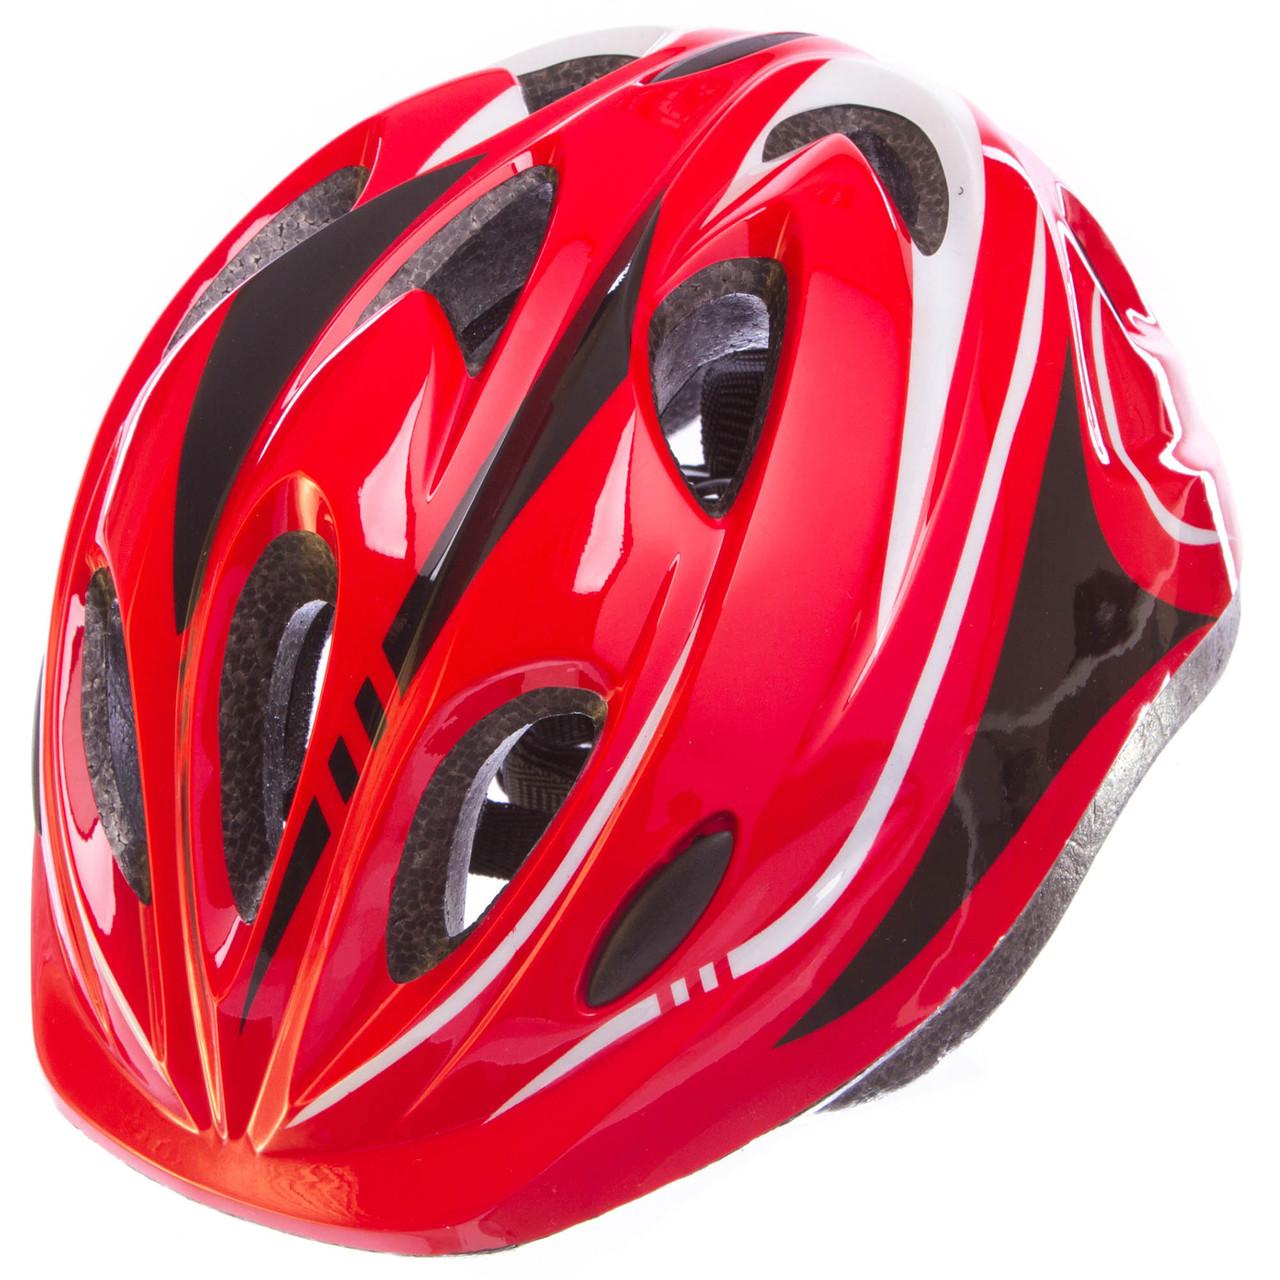 Шлем защитный с механизмом регулировки (L-54-56) SK-5611, красный